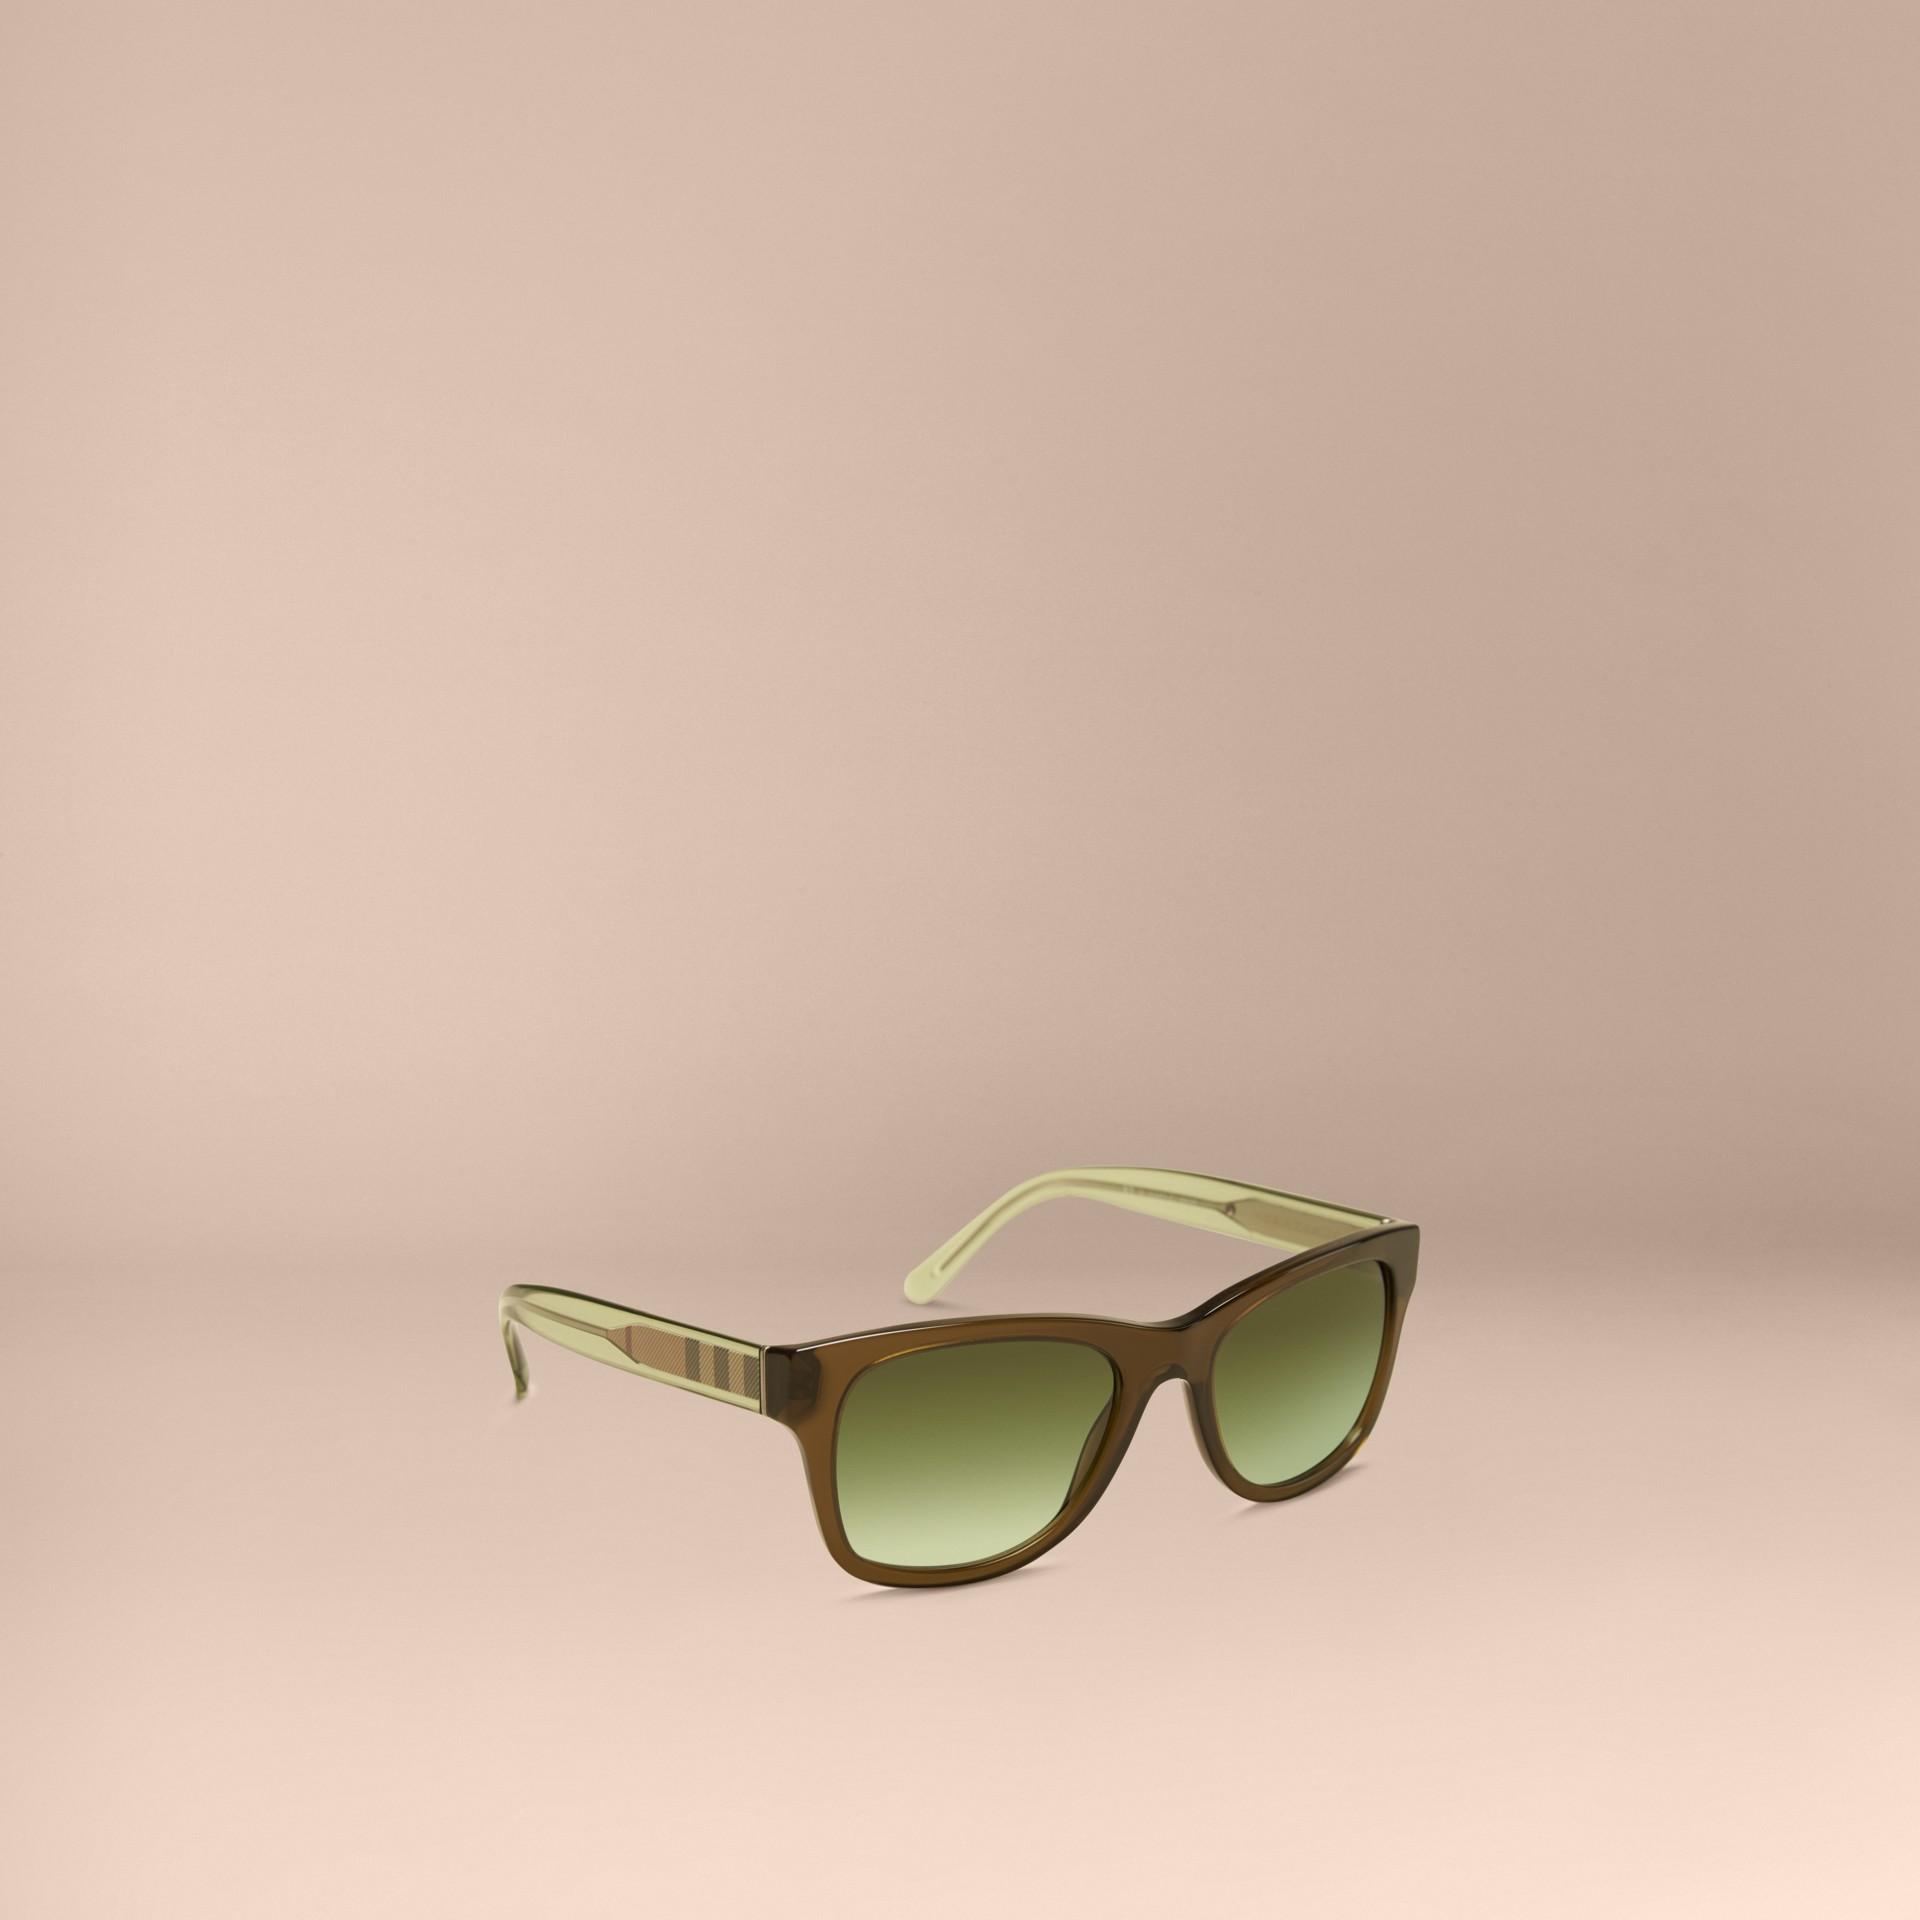 Verde oliva Óculos de sol com armação quadrada e detalhe xadrez Verde Oliva - galeria de imagens 1